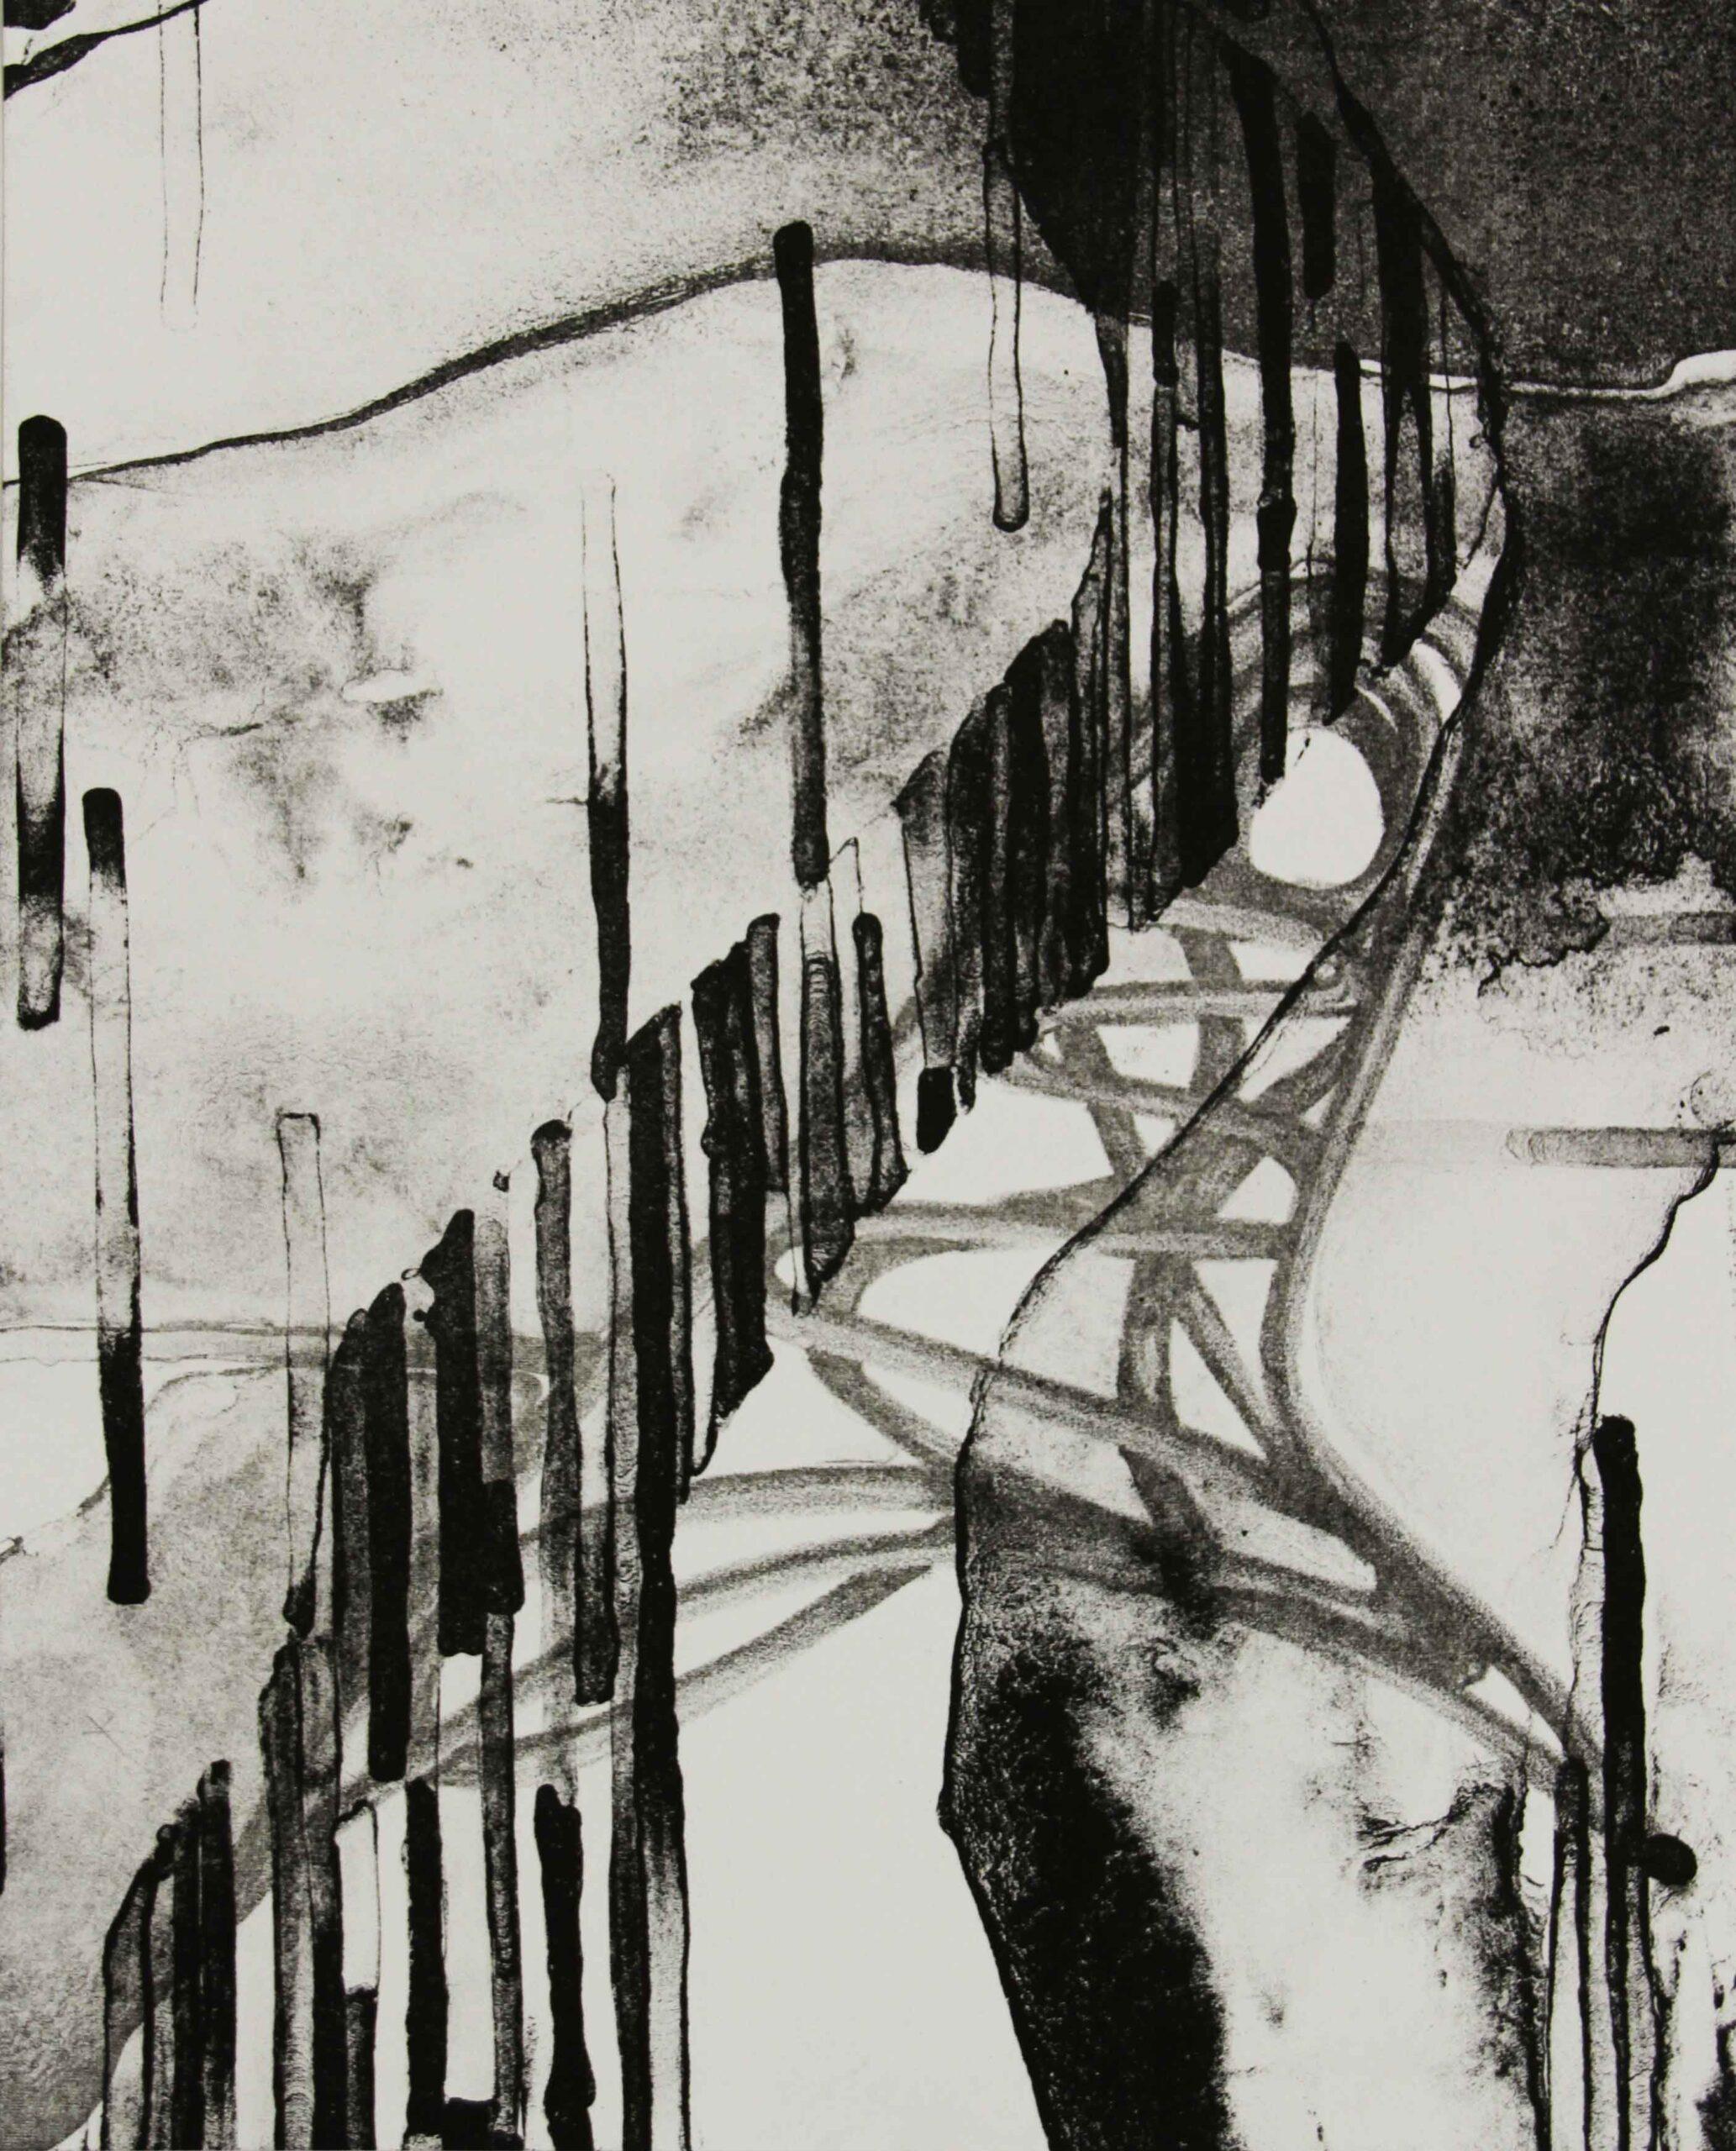 Lithography and Moku-haghani